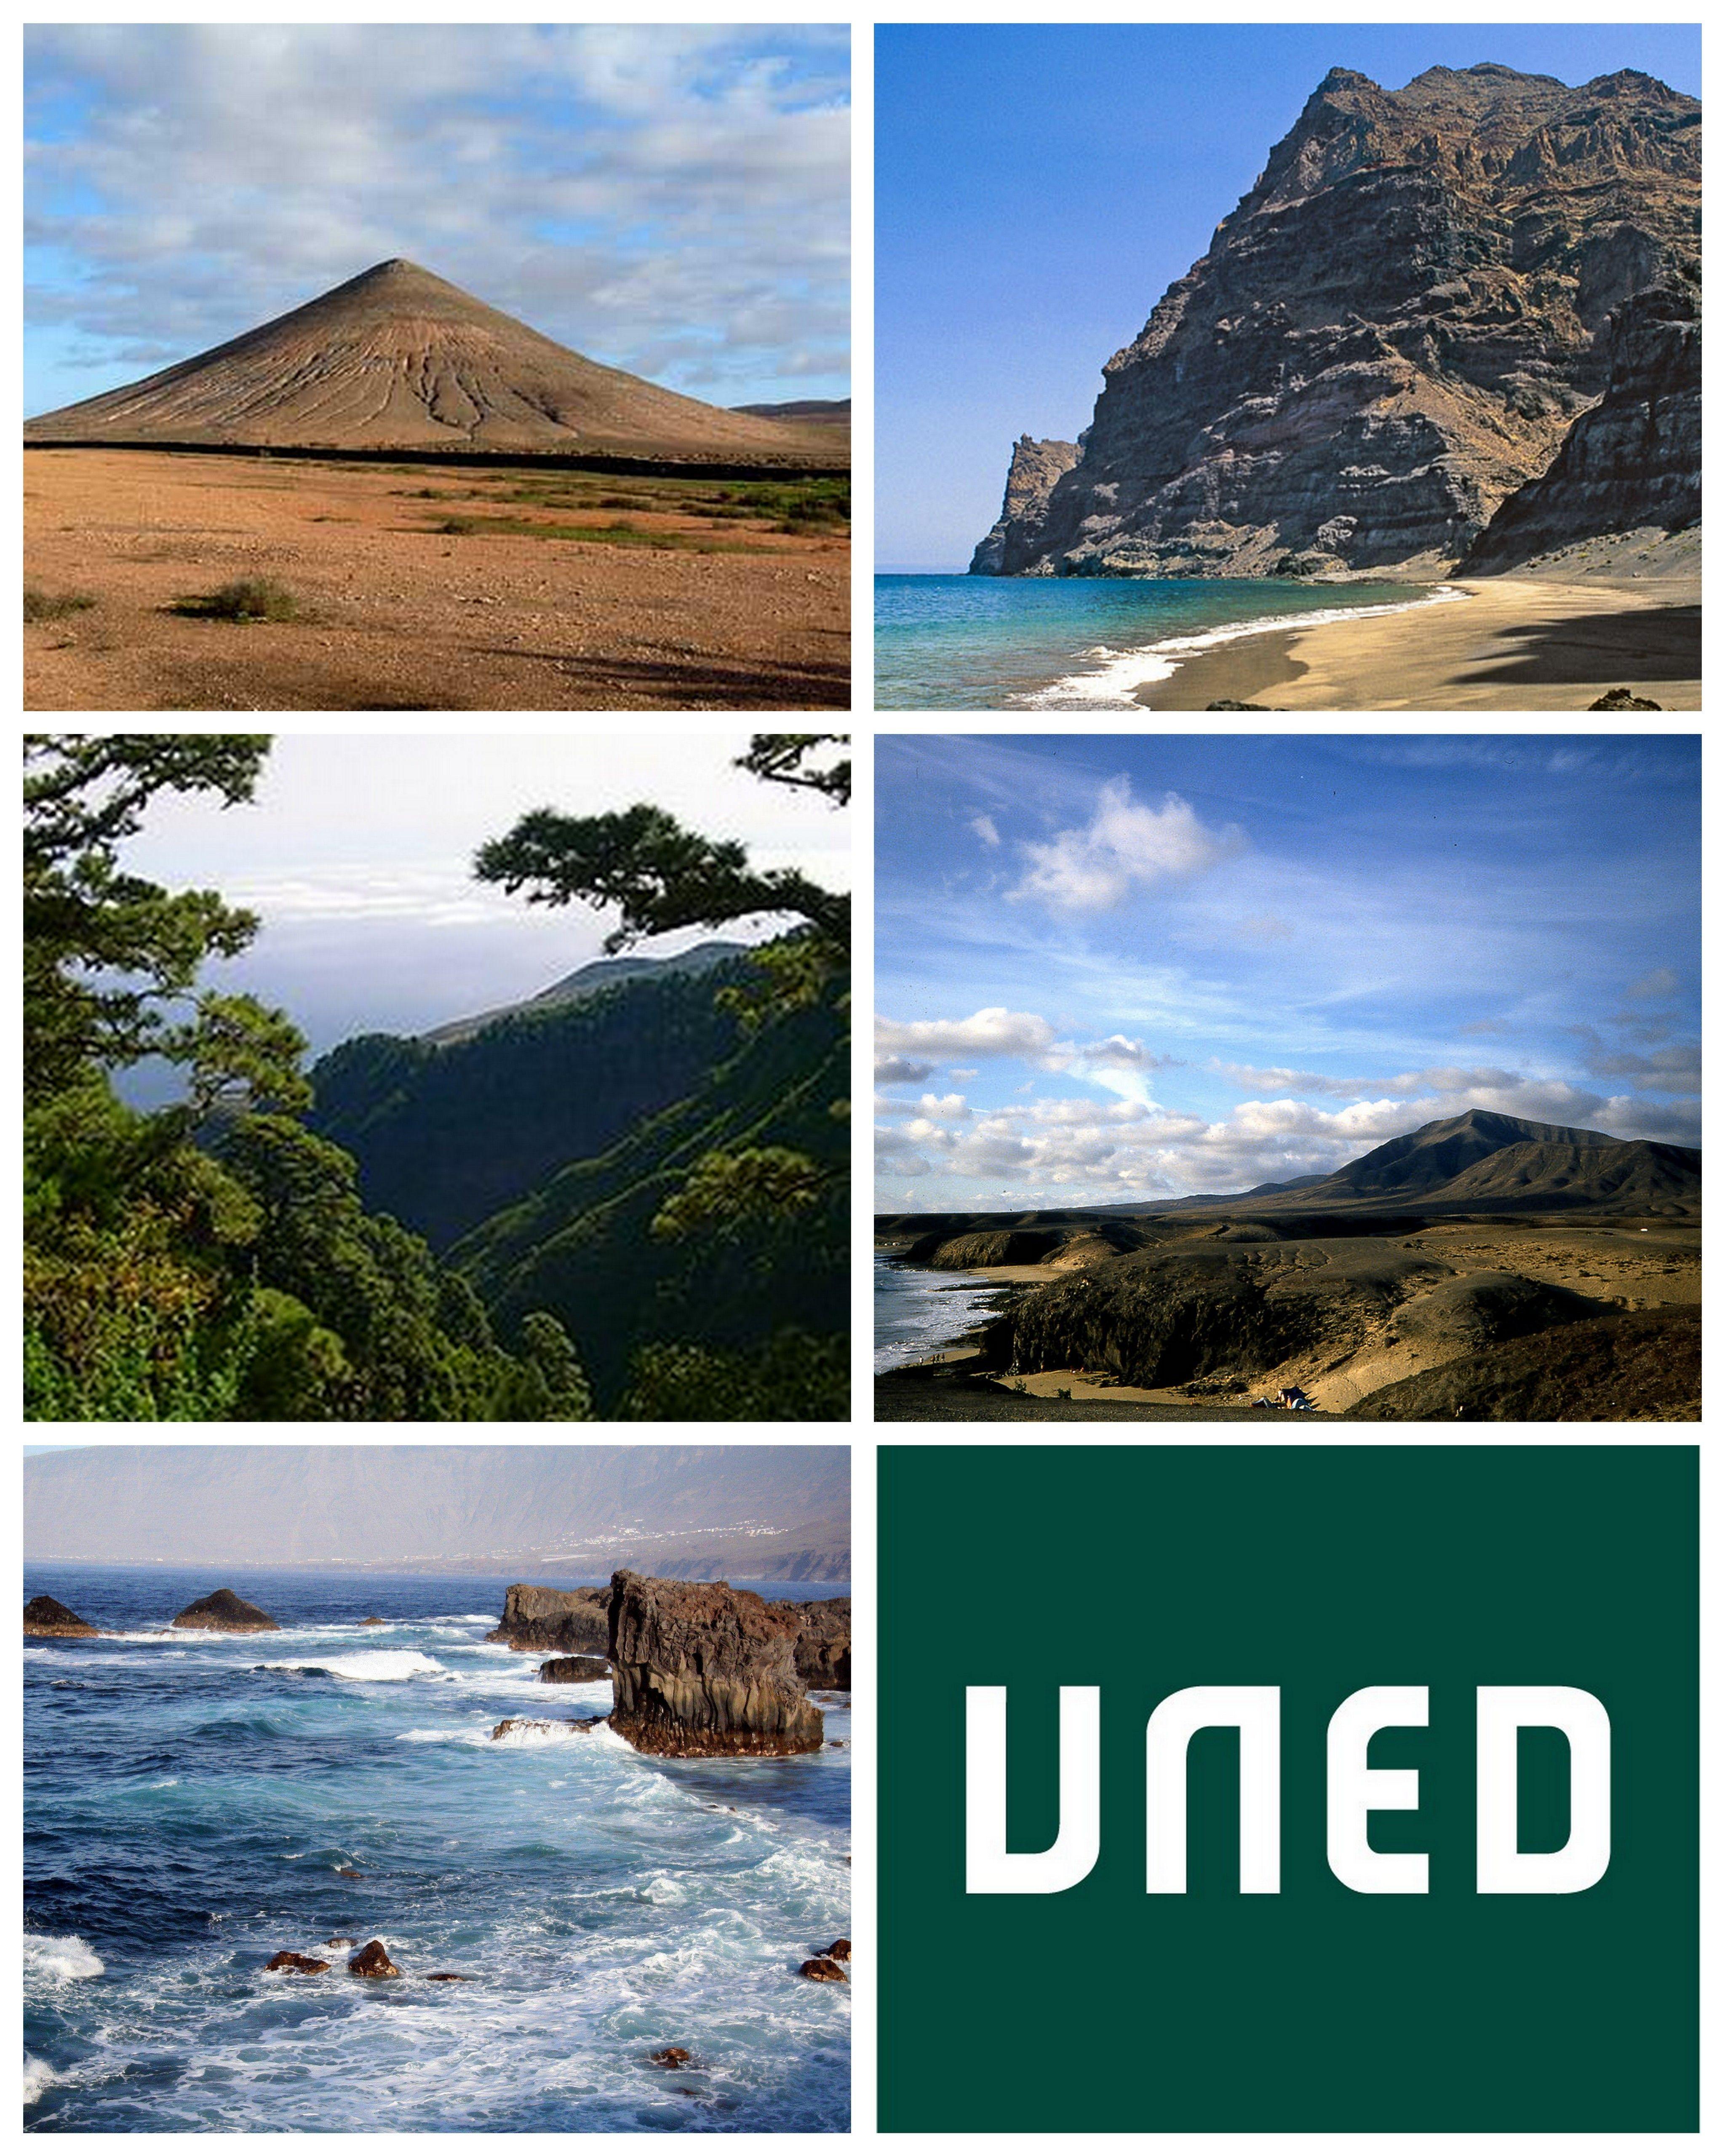 El Campus de la UNED en Canarias organiza en sus diferentes Centros Asociados un curso sobre las Reservas de la Biosfera de las islas participantes. En él se intenta ponderar su importancia, objetivos y modelos de gestión. Las conferencias pueden ser seguidas a través de videoconferencias en las distintas sedes de la UNED y también en modalidad on line. El curso se inicia el 2 de diciembre de 2014.